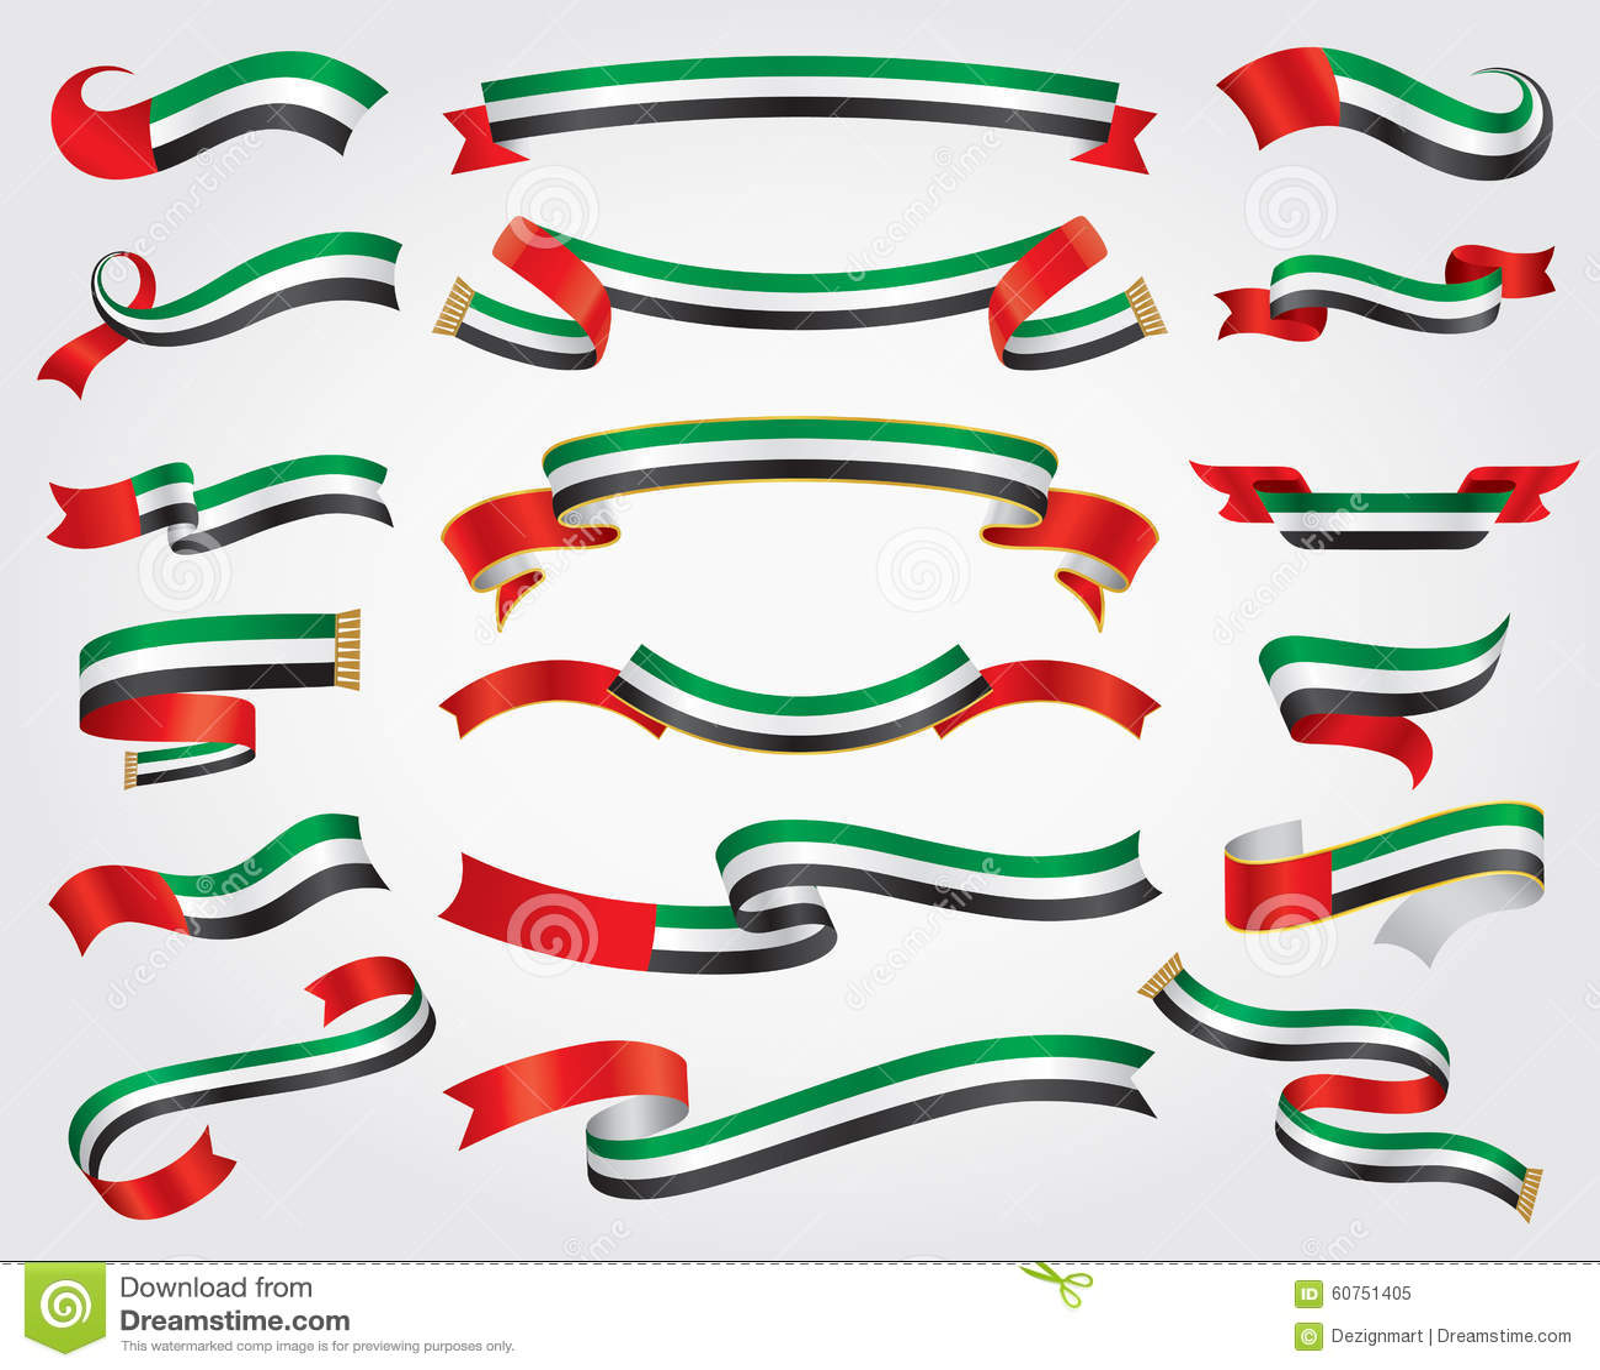 阿拉伯联合酋长国旗子丝带集合